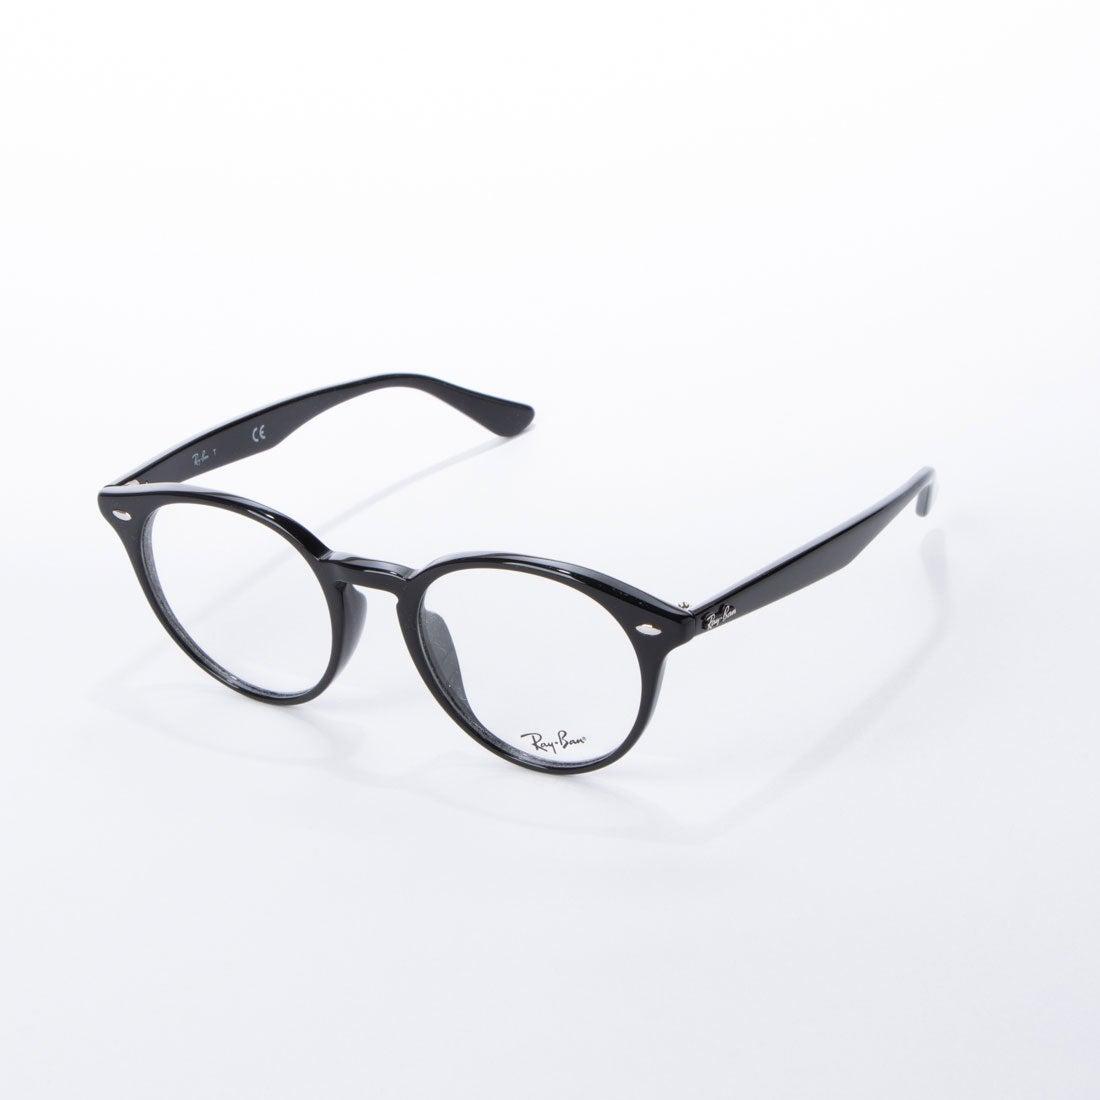 レイバン Ray-Ban メガネ 眼鏡 アイウェア レディース メンズ (ブラック)